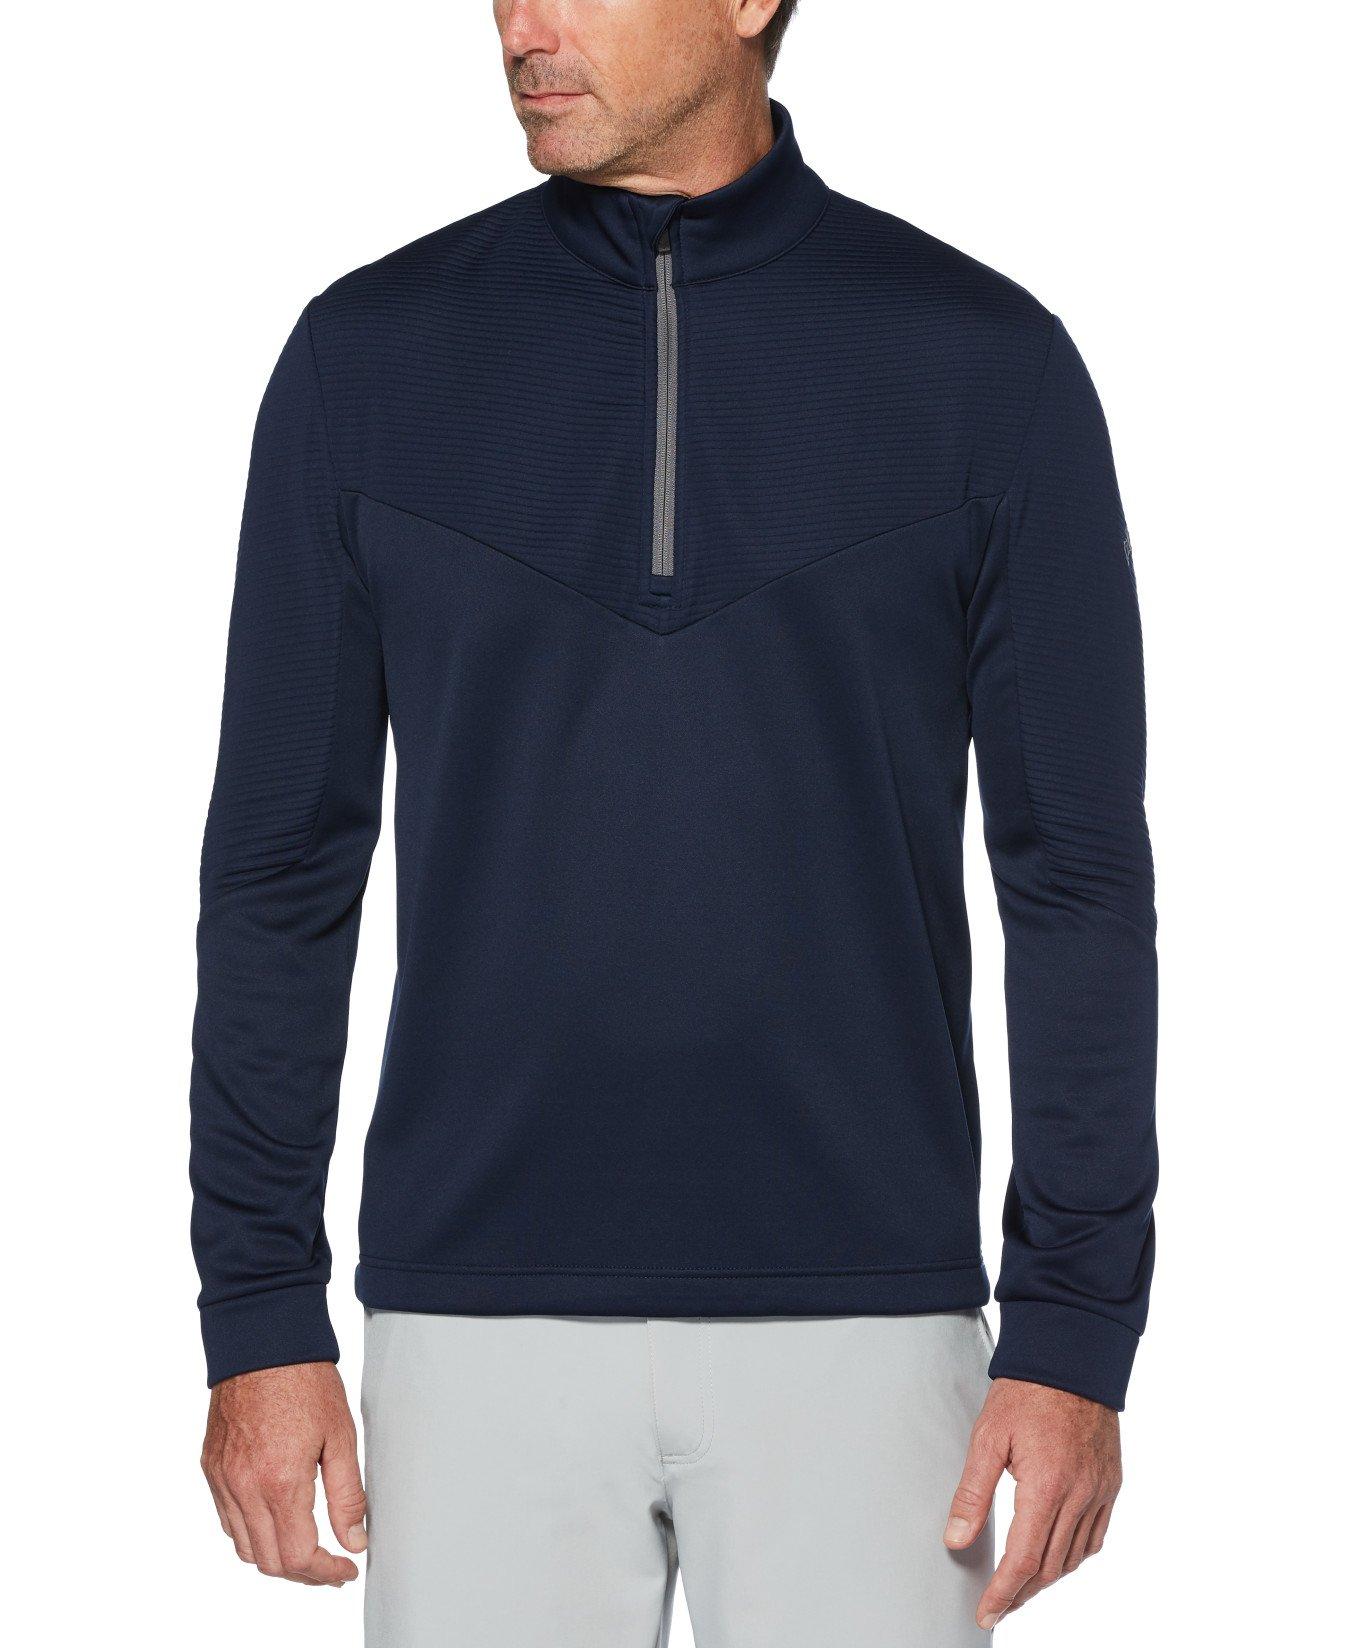 Callaway Midweight 1/4 Zip Ottoman Pullover